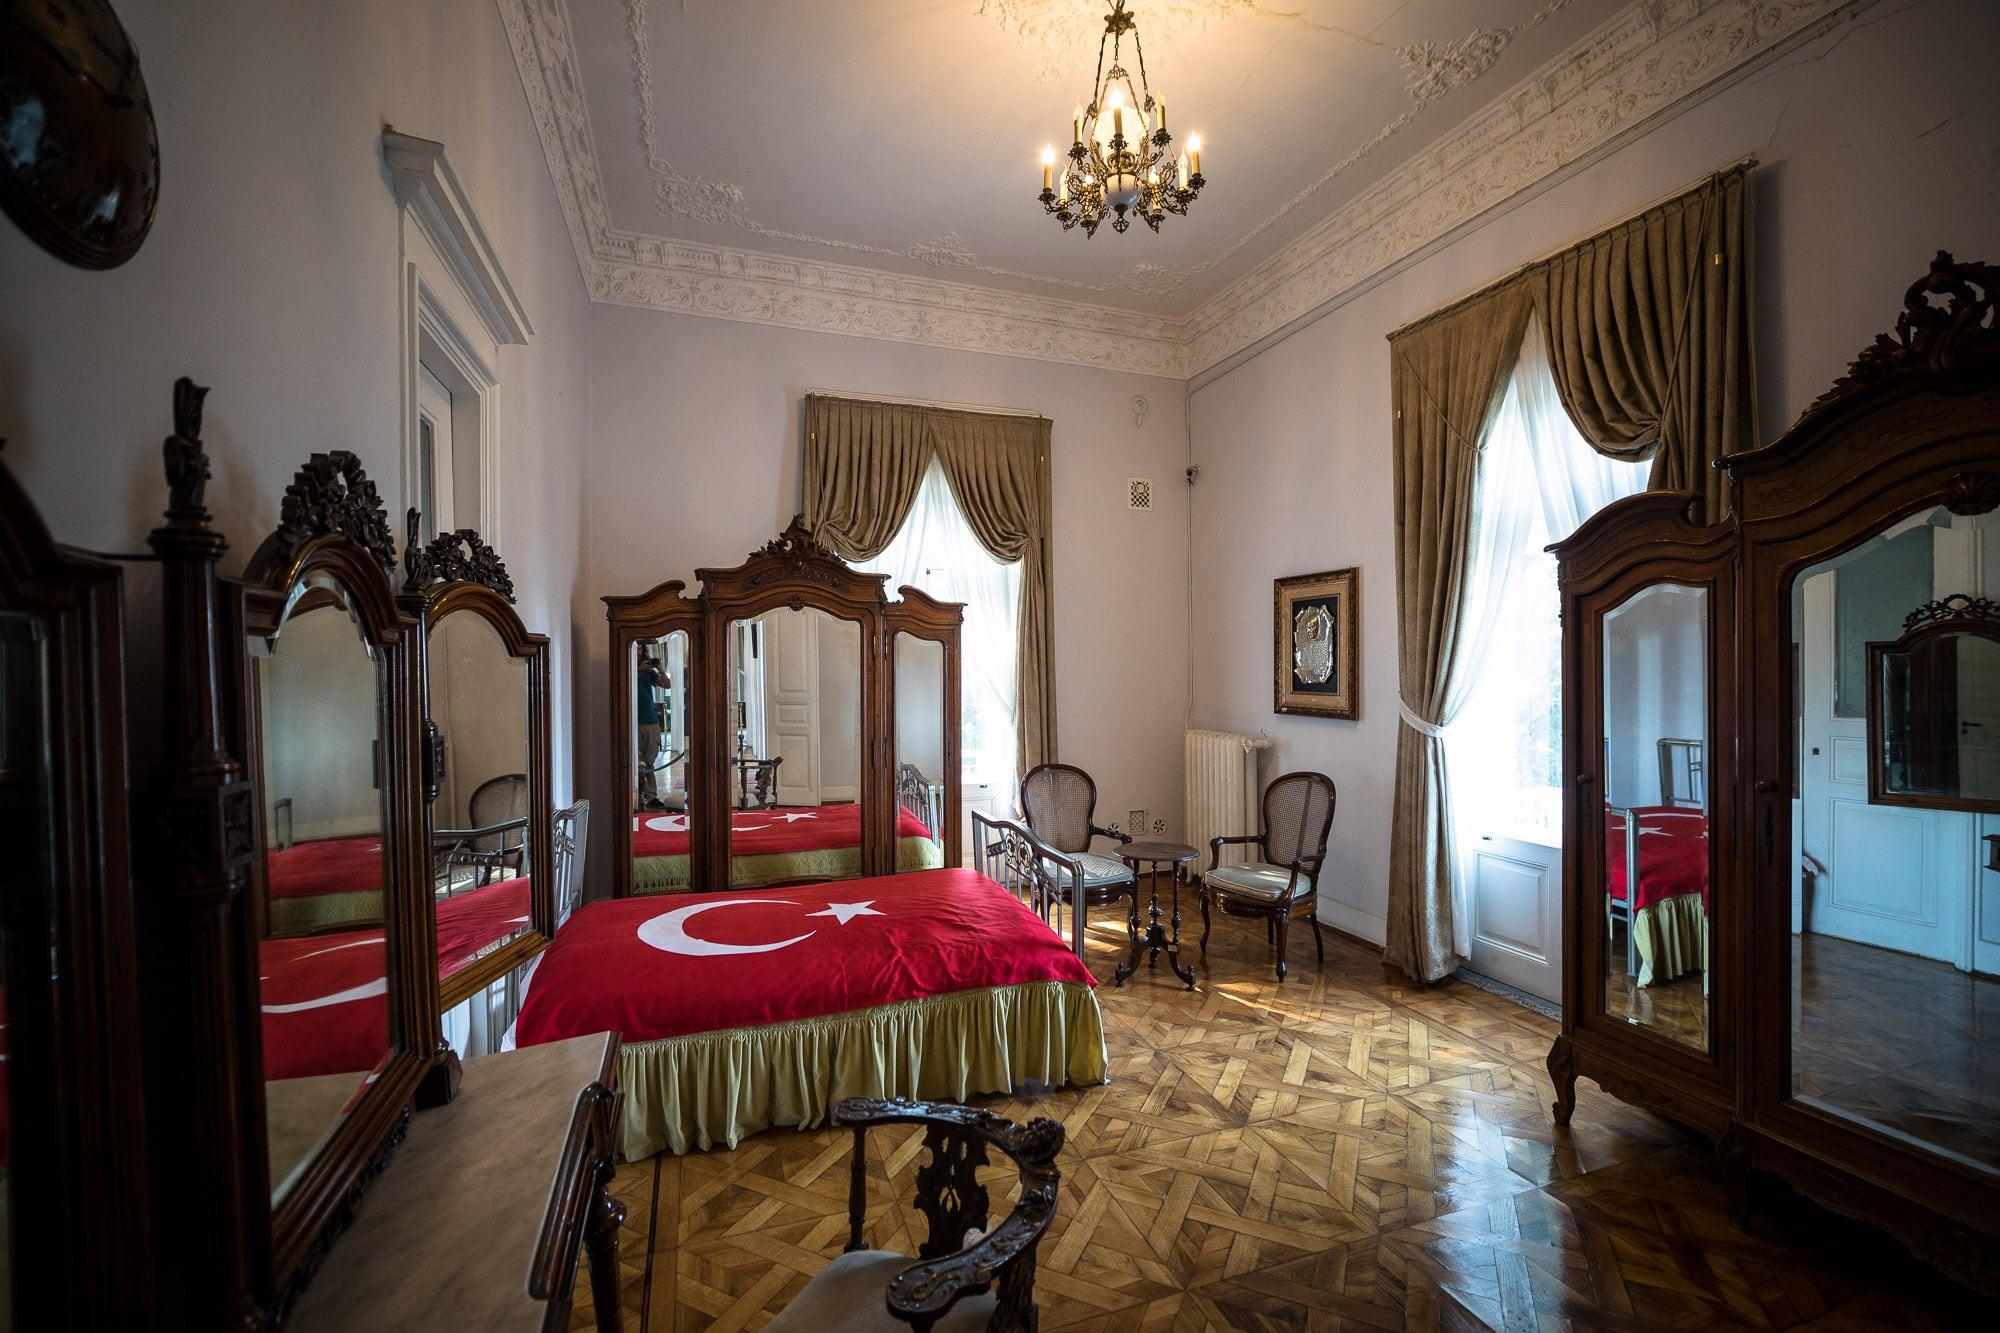 Atatürk's bed